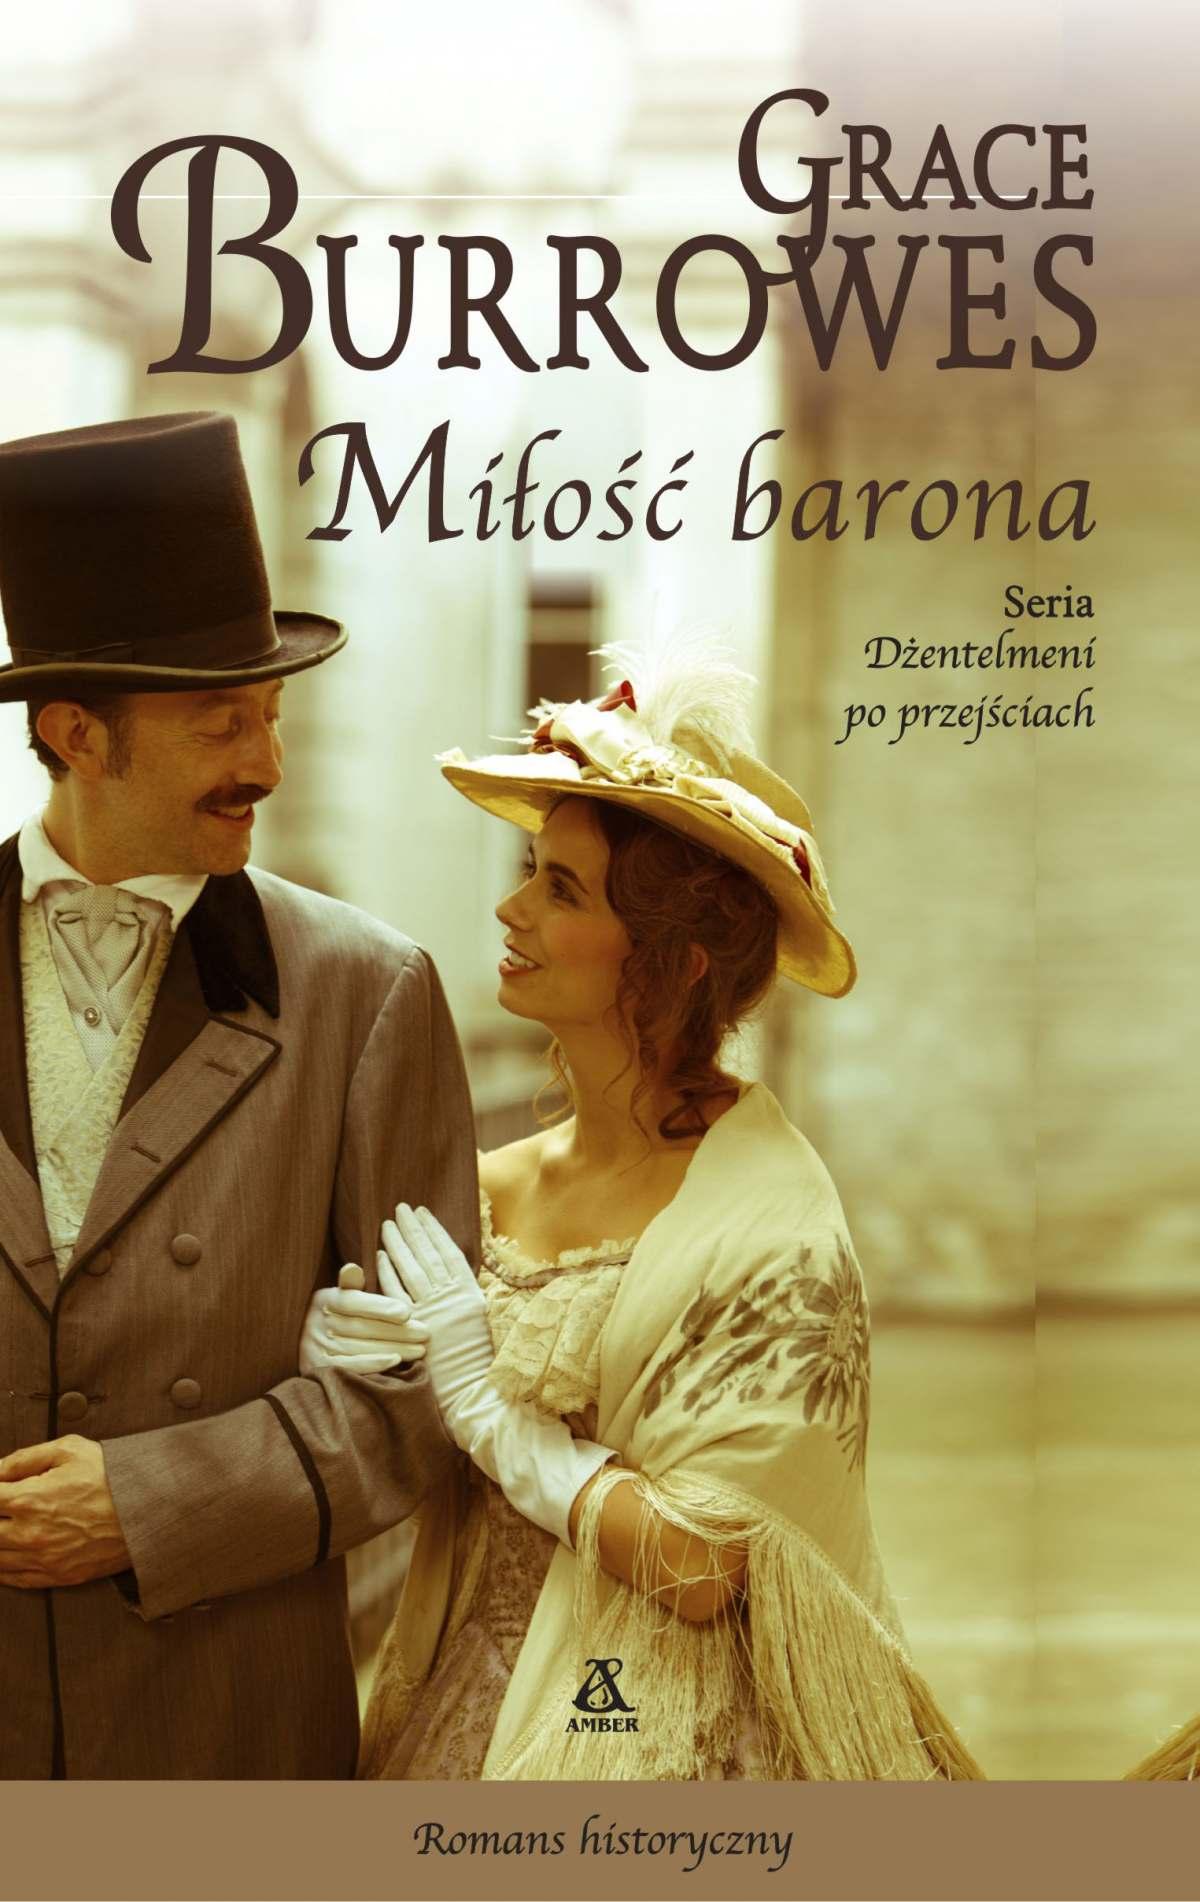 Miłość barona - Ebook (Książka EPUB) do pobrania w formacie EPUB